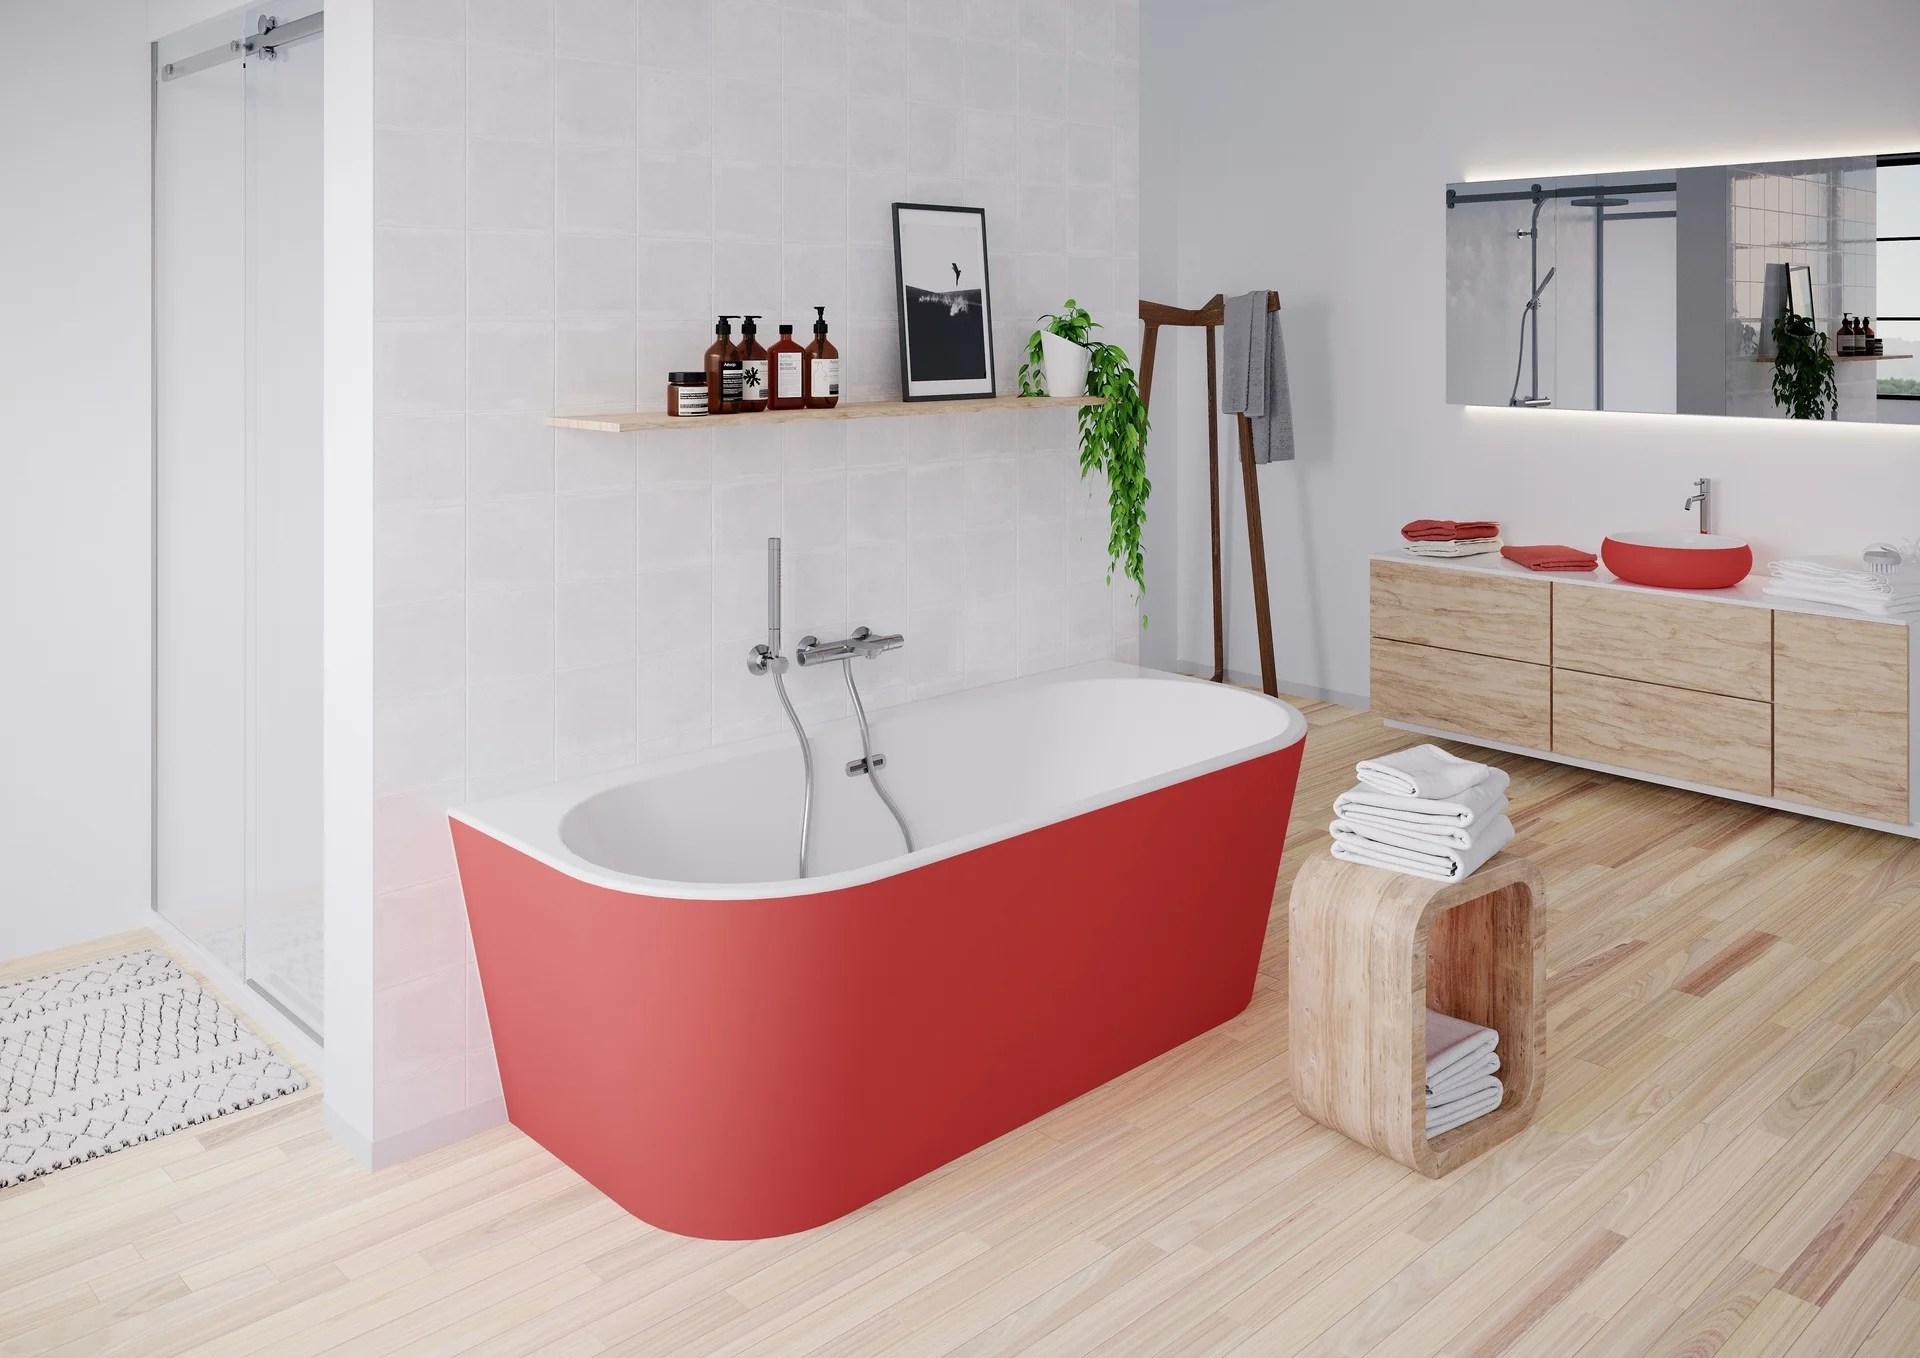 baignoire semi ilot l 80 x l 180 cm rouge ilova balneo